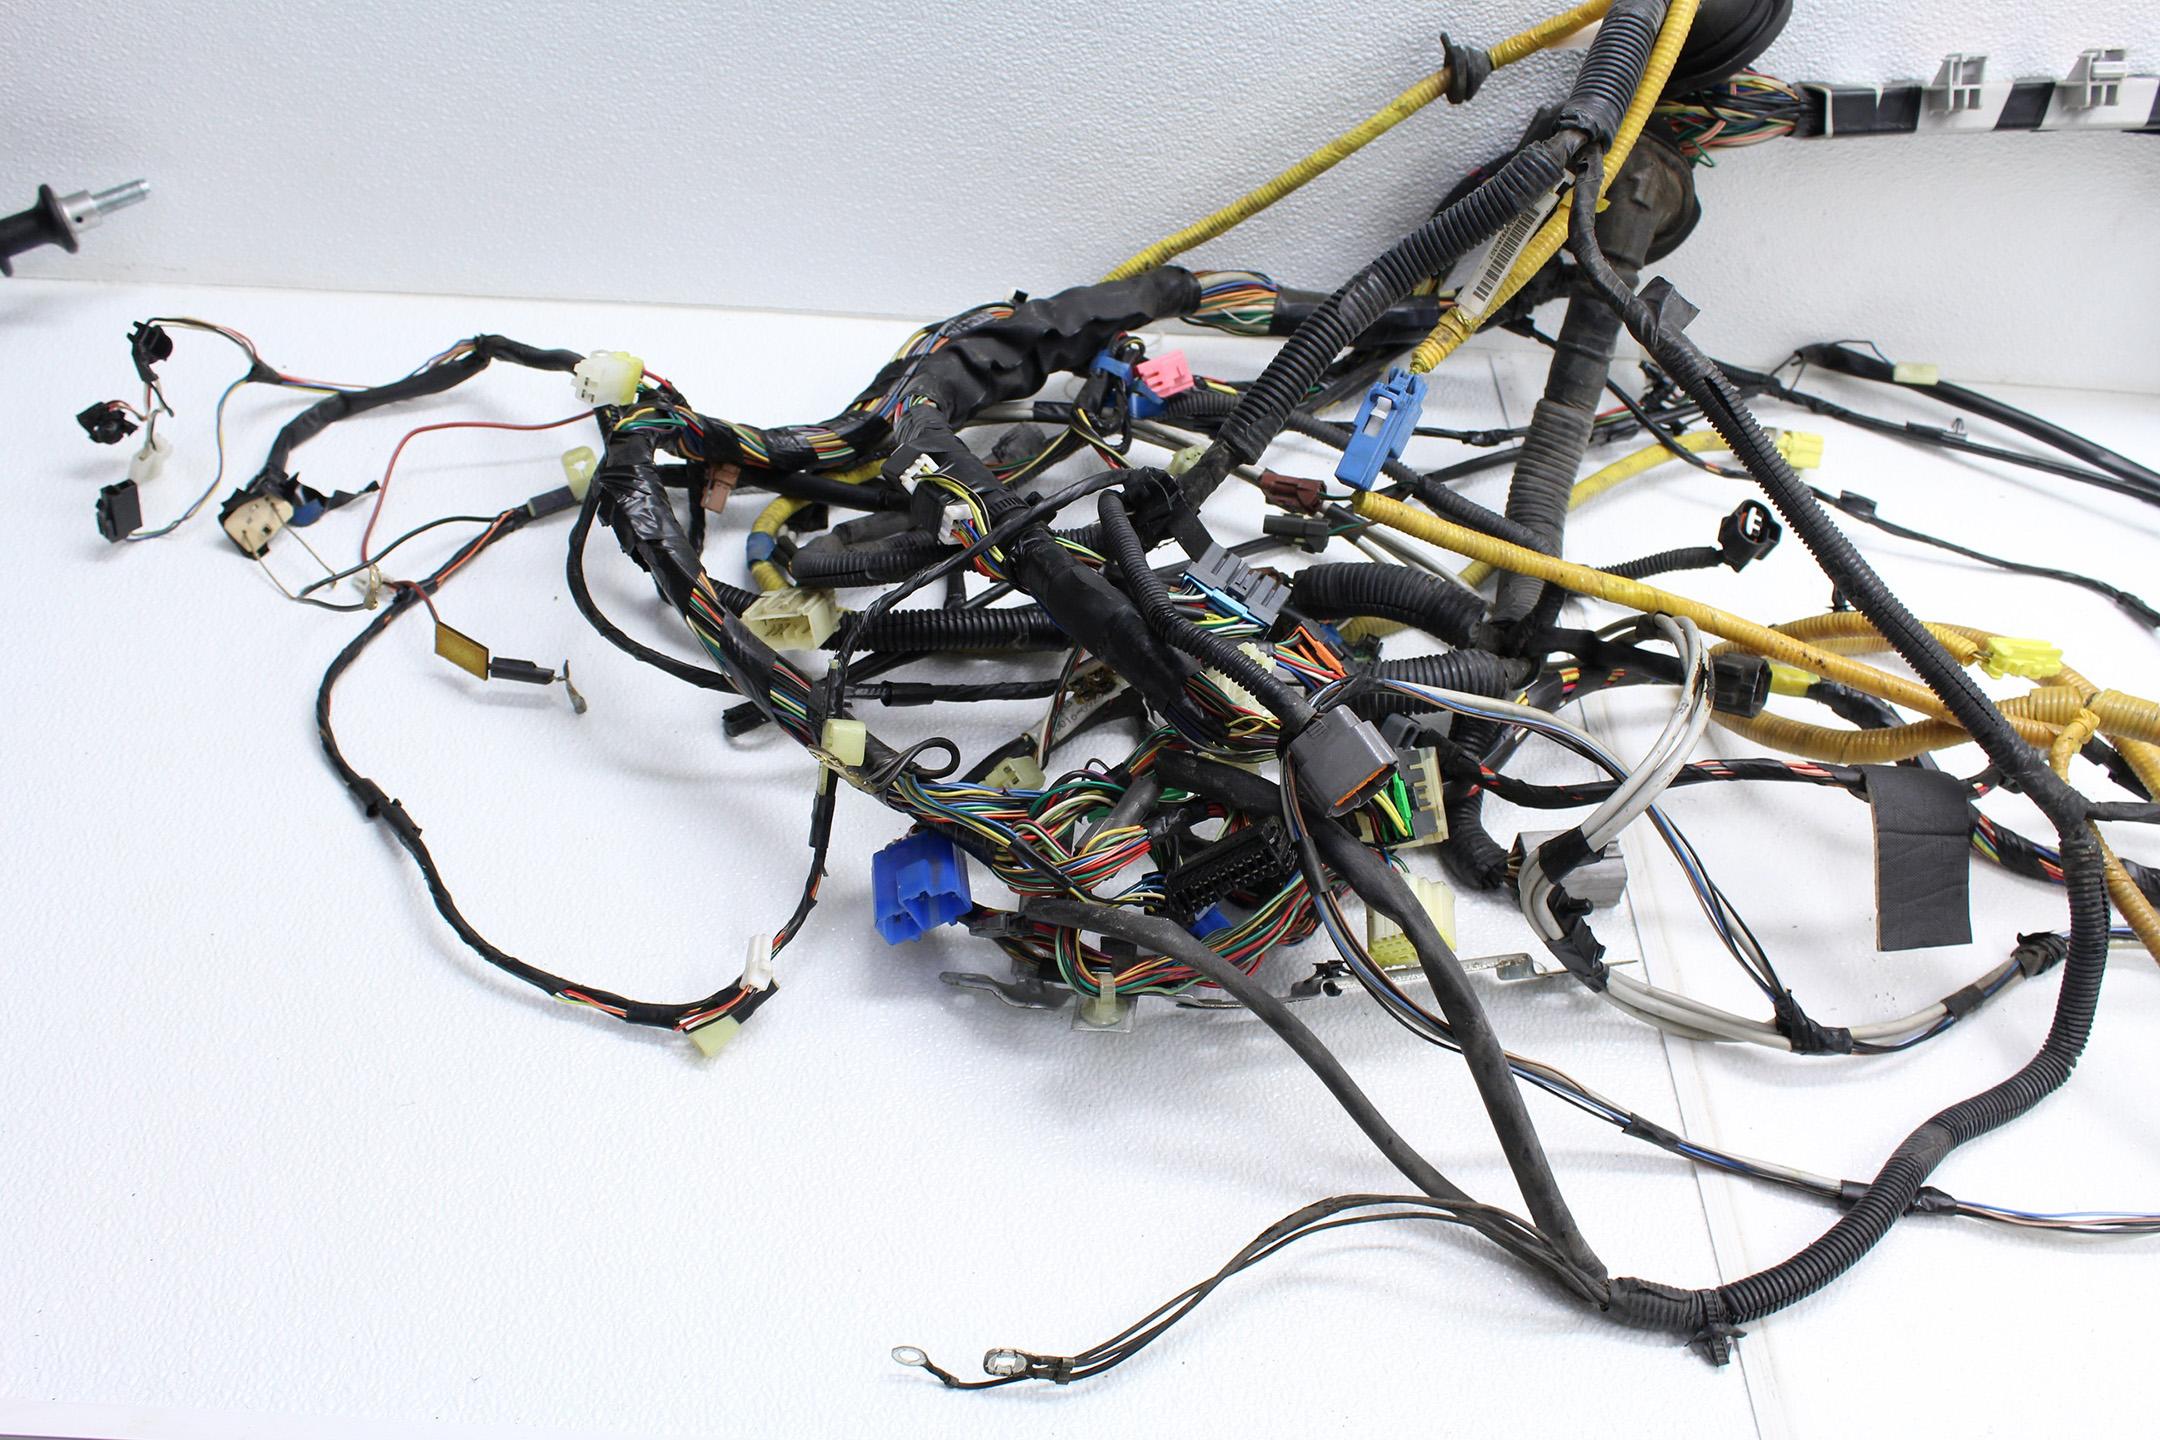 1998-2001 SUBARU IMPREZA 2.5 RS BULK HEAD WIRING HARNESS 5MT (UNDER on under dash lights, under dash mounting bracket, 2014 camaro auxiliary gauge wire harness, under dash clutch master cylinder, 2012 f250 dash wire harness, 1987 chevy dash harness, 2011 camaro auxiliary gauge wire harness, under dash gauges, under dash power supply, under dash radio, 86 ford ranger engine harness,